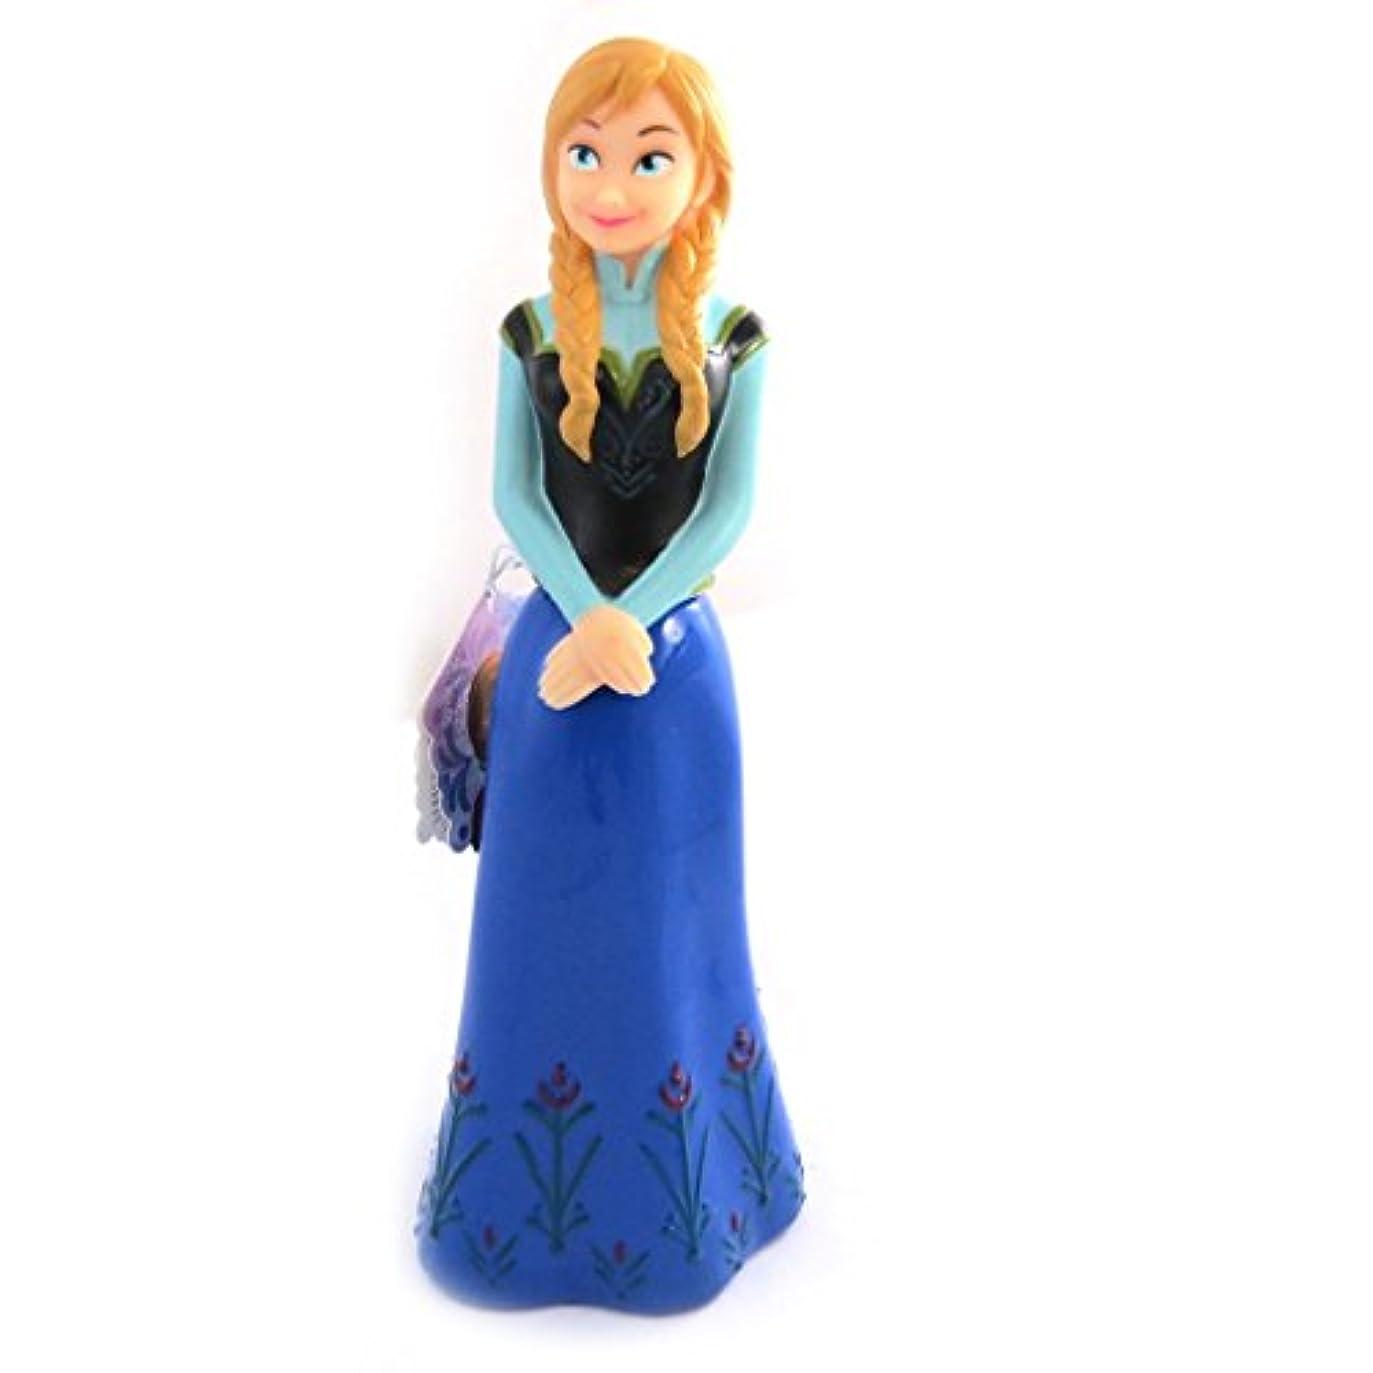 熟読蚊持ってる[雪の女王 (Reine des Neiges)] (Frozen - Reine des Neiges コレクション) [M2698] ボディソープ ブルー